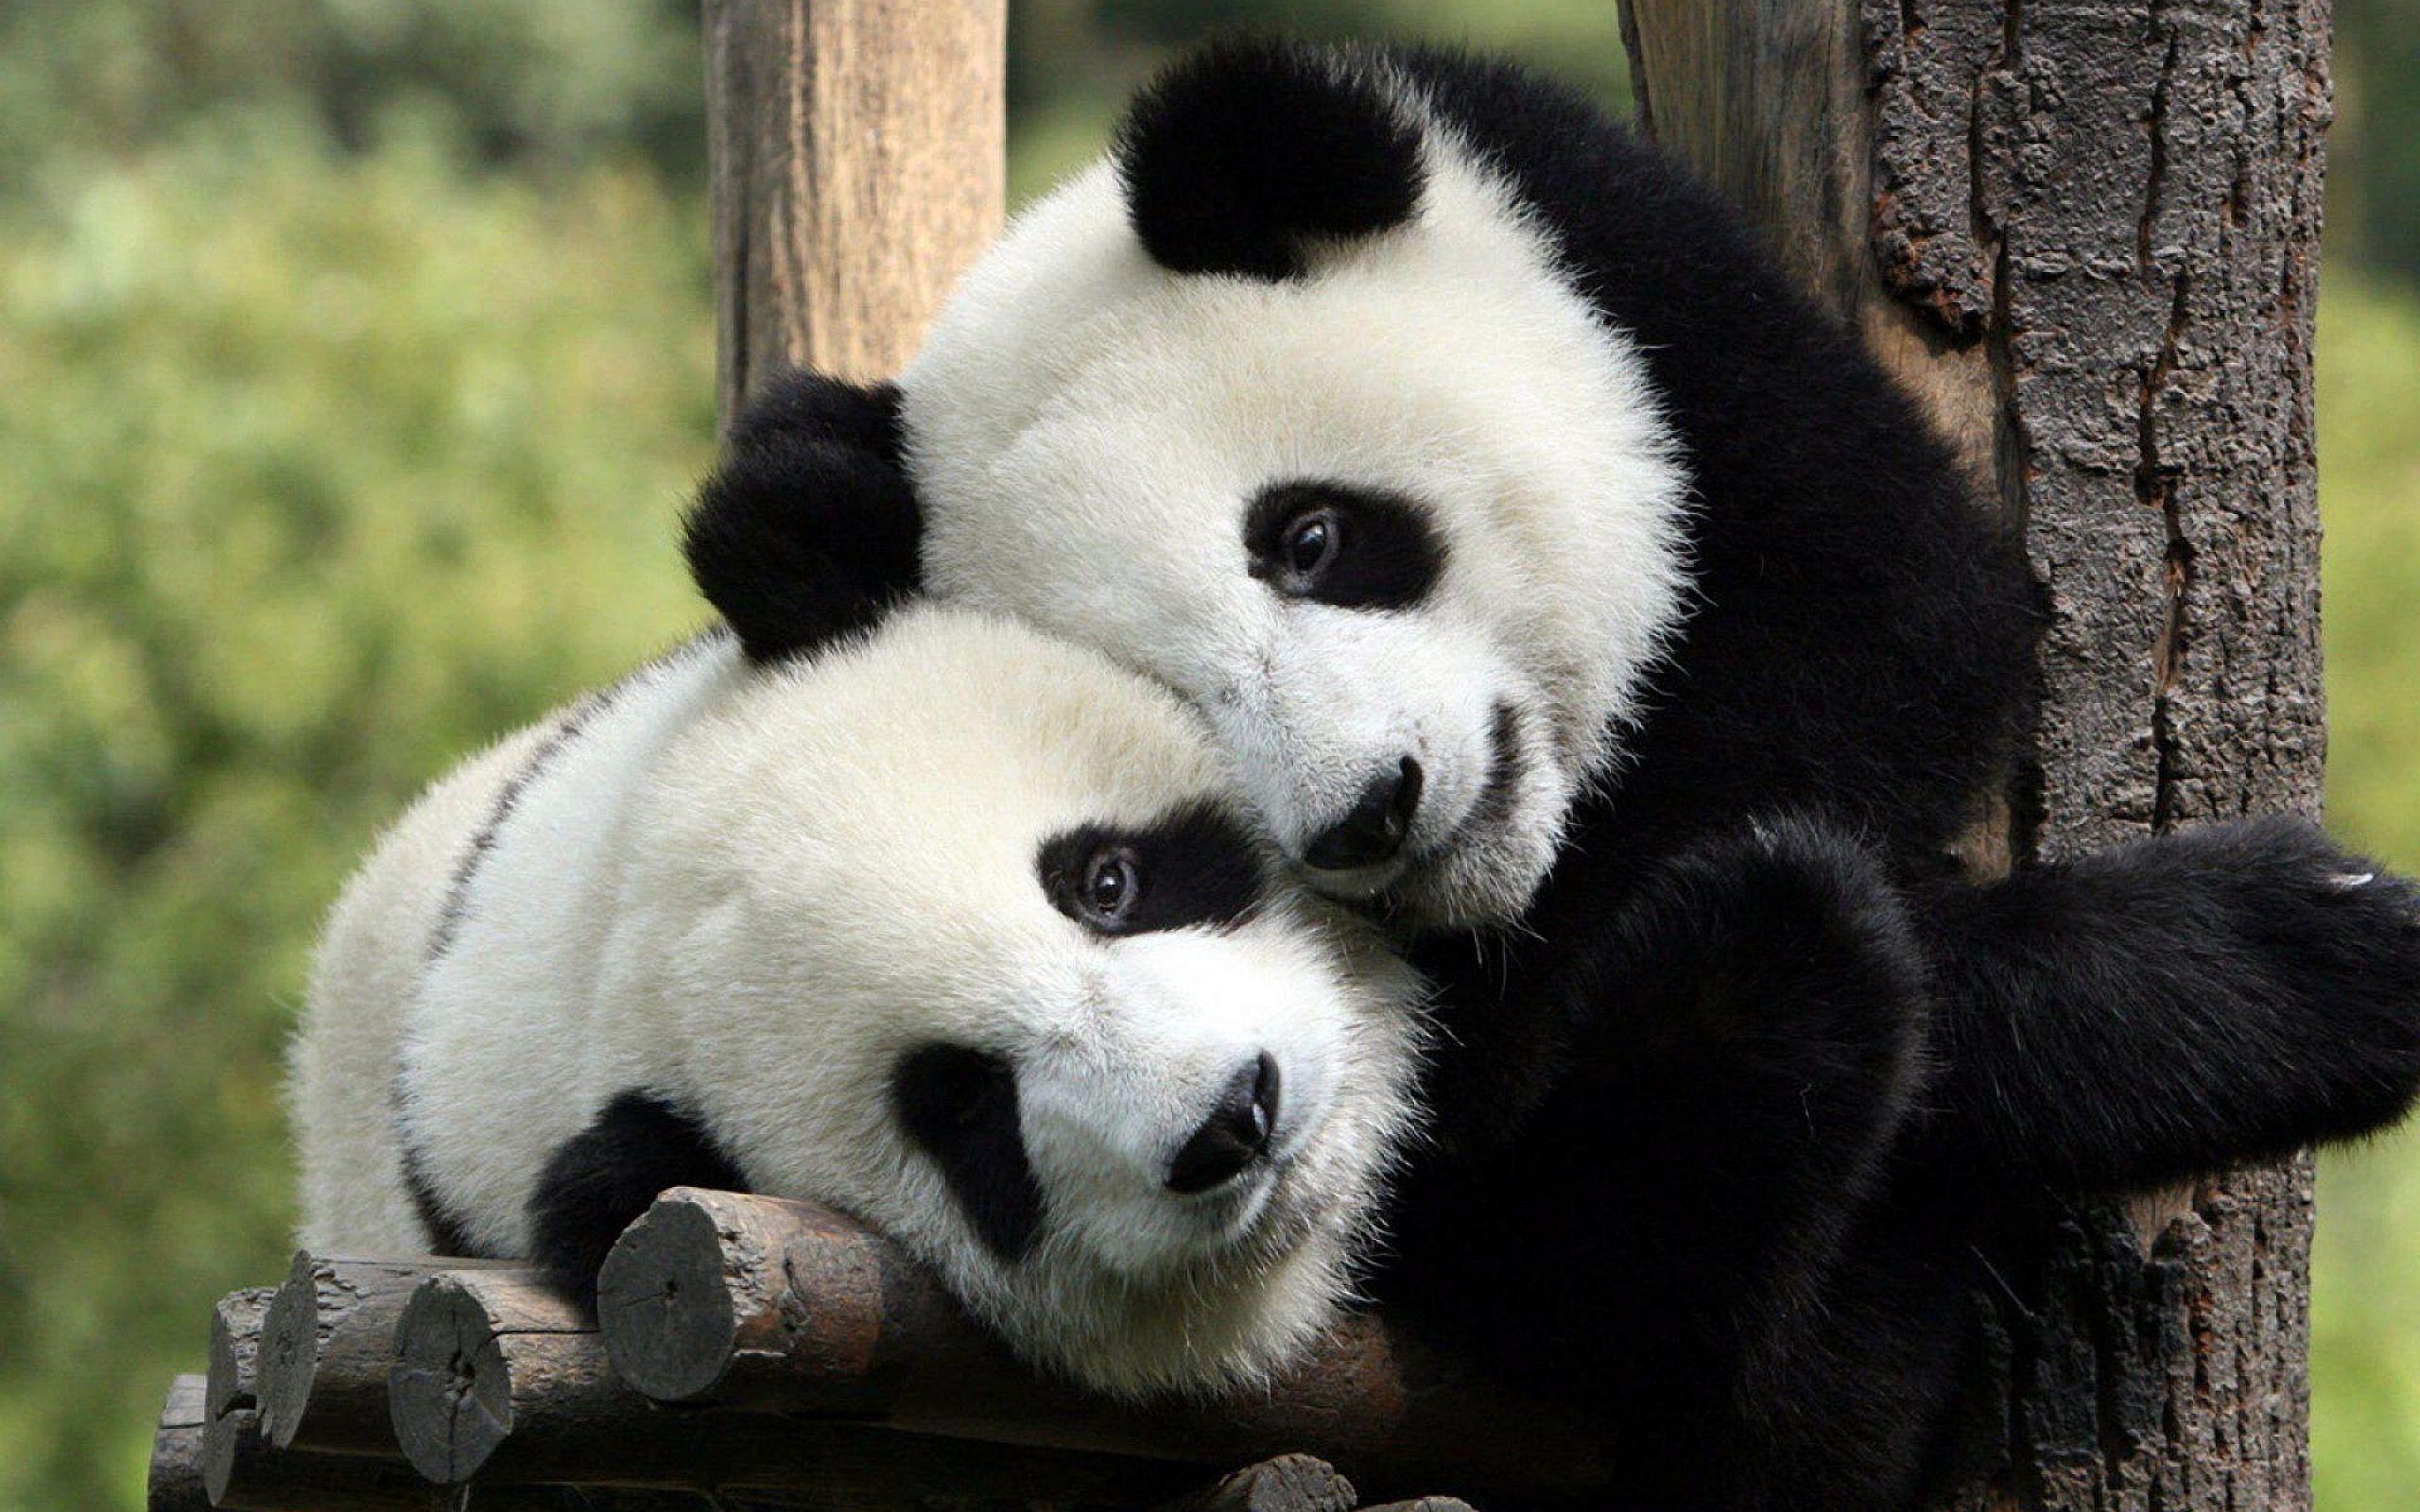 Vestirsi da panda per coccolare gli animali: il lavoro più bello del mondo